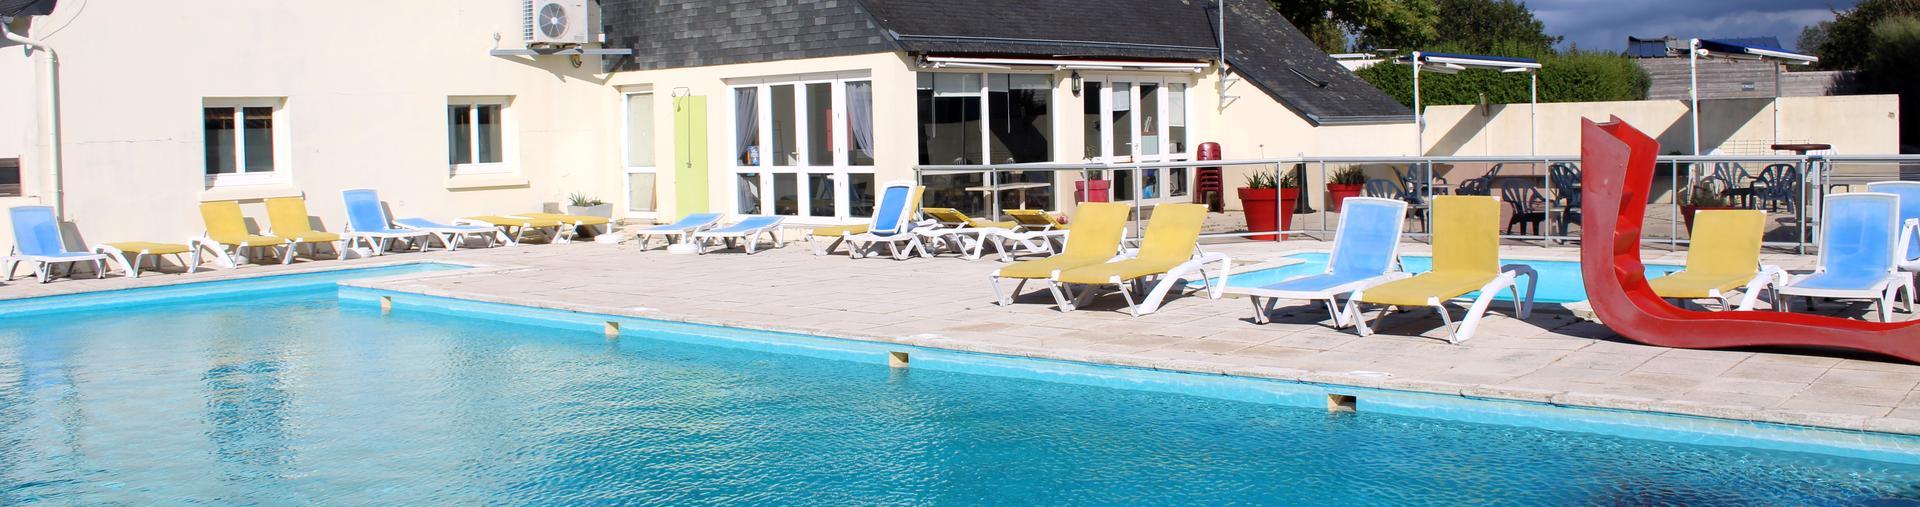 Camping en Bretagne avec piscine